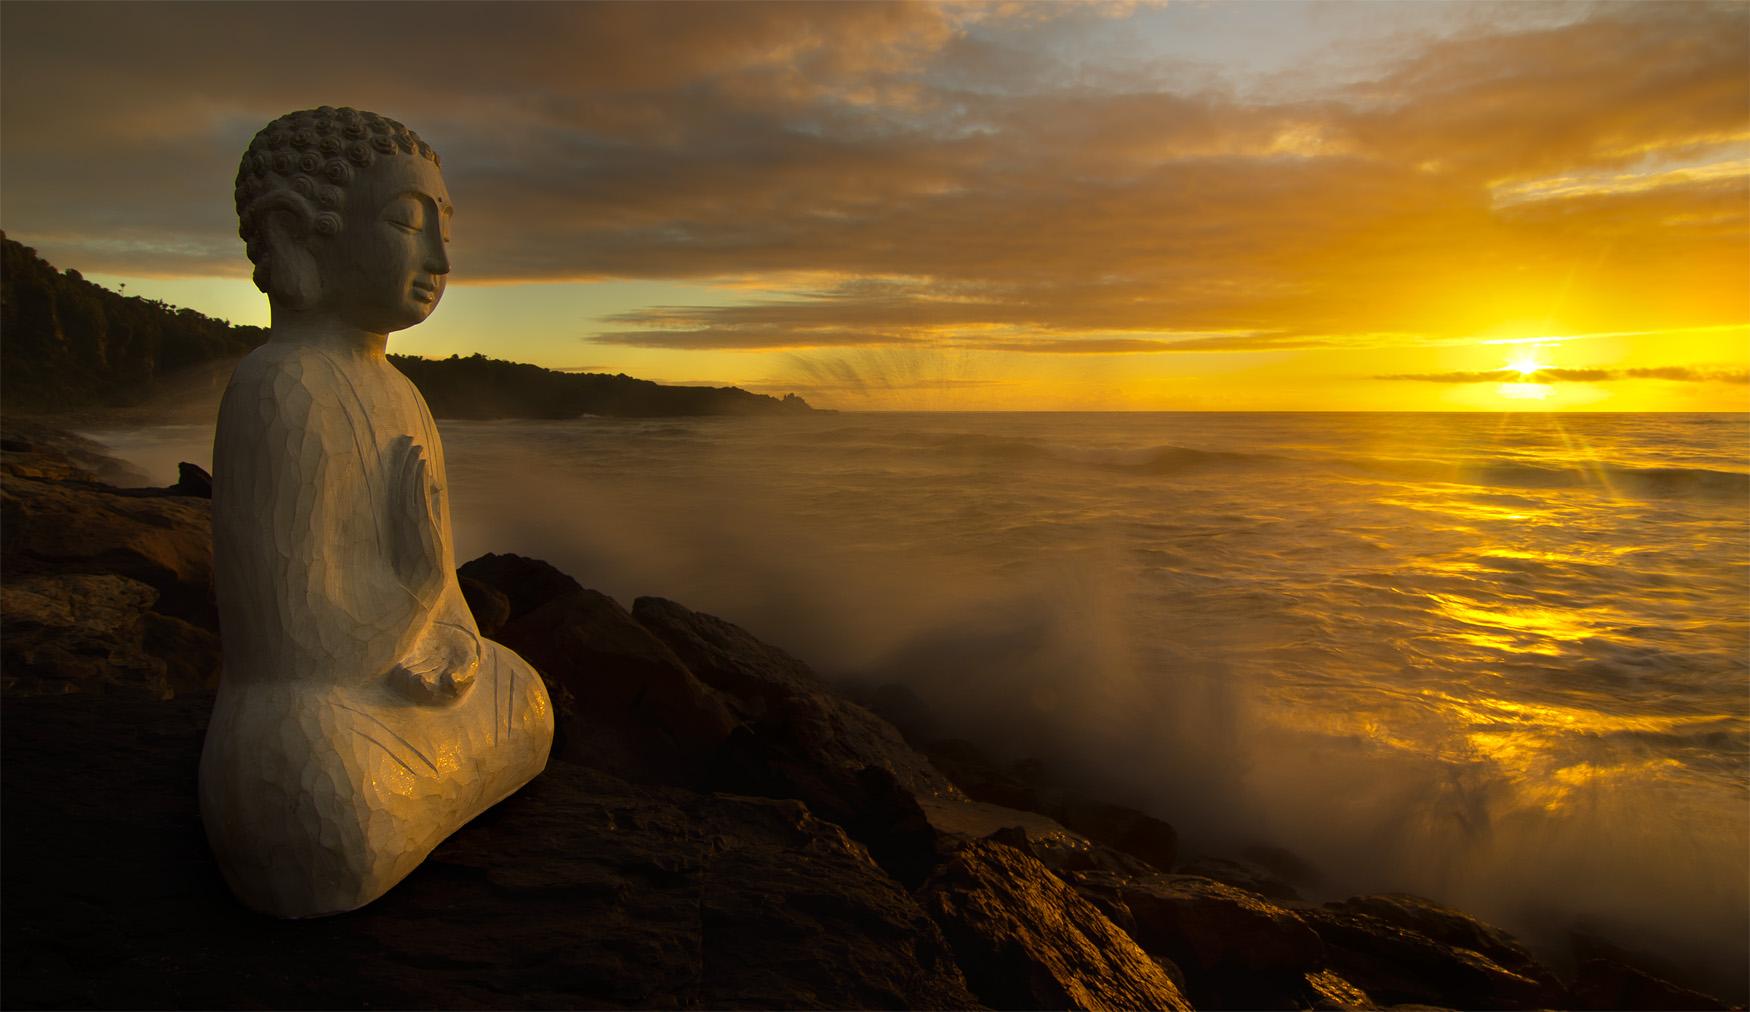 Toàn Nhật Thiền sư - đưa tinh thần Phật giáo xuống cho triều đại Tây Sơn 8